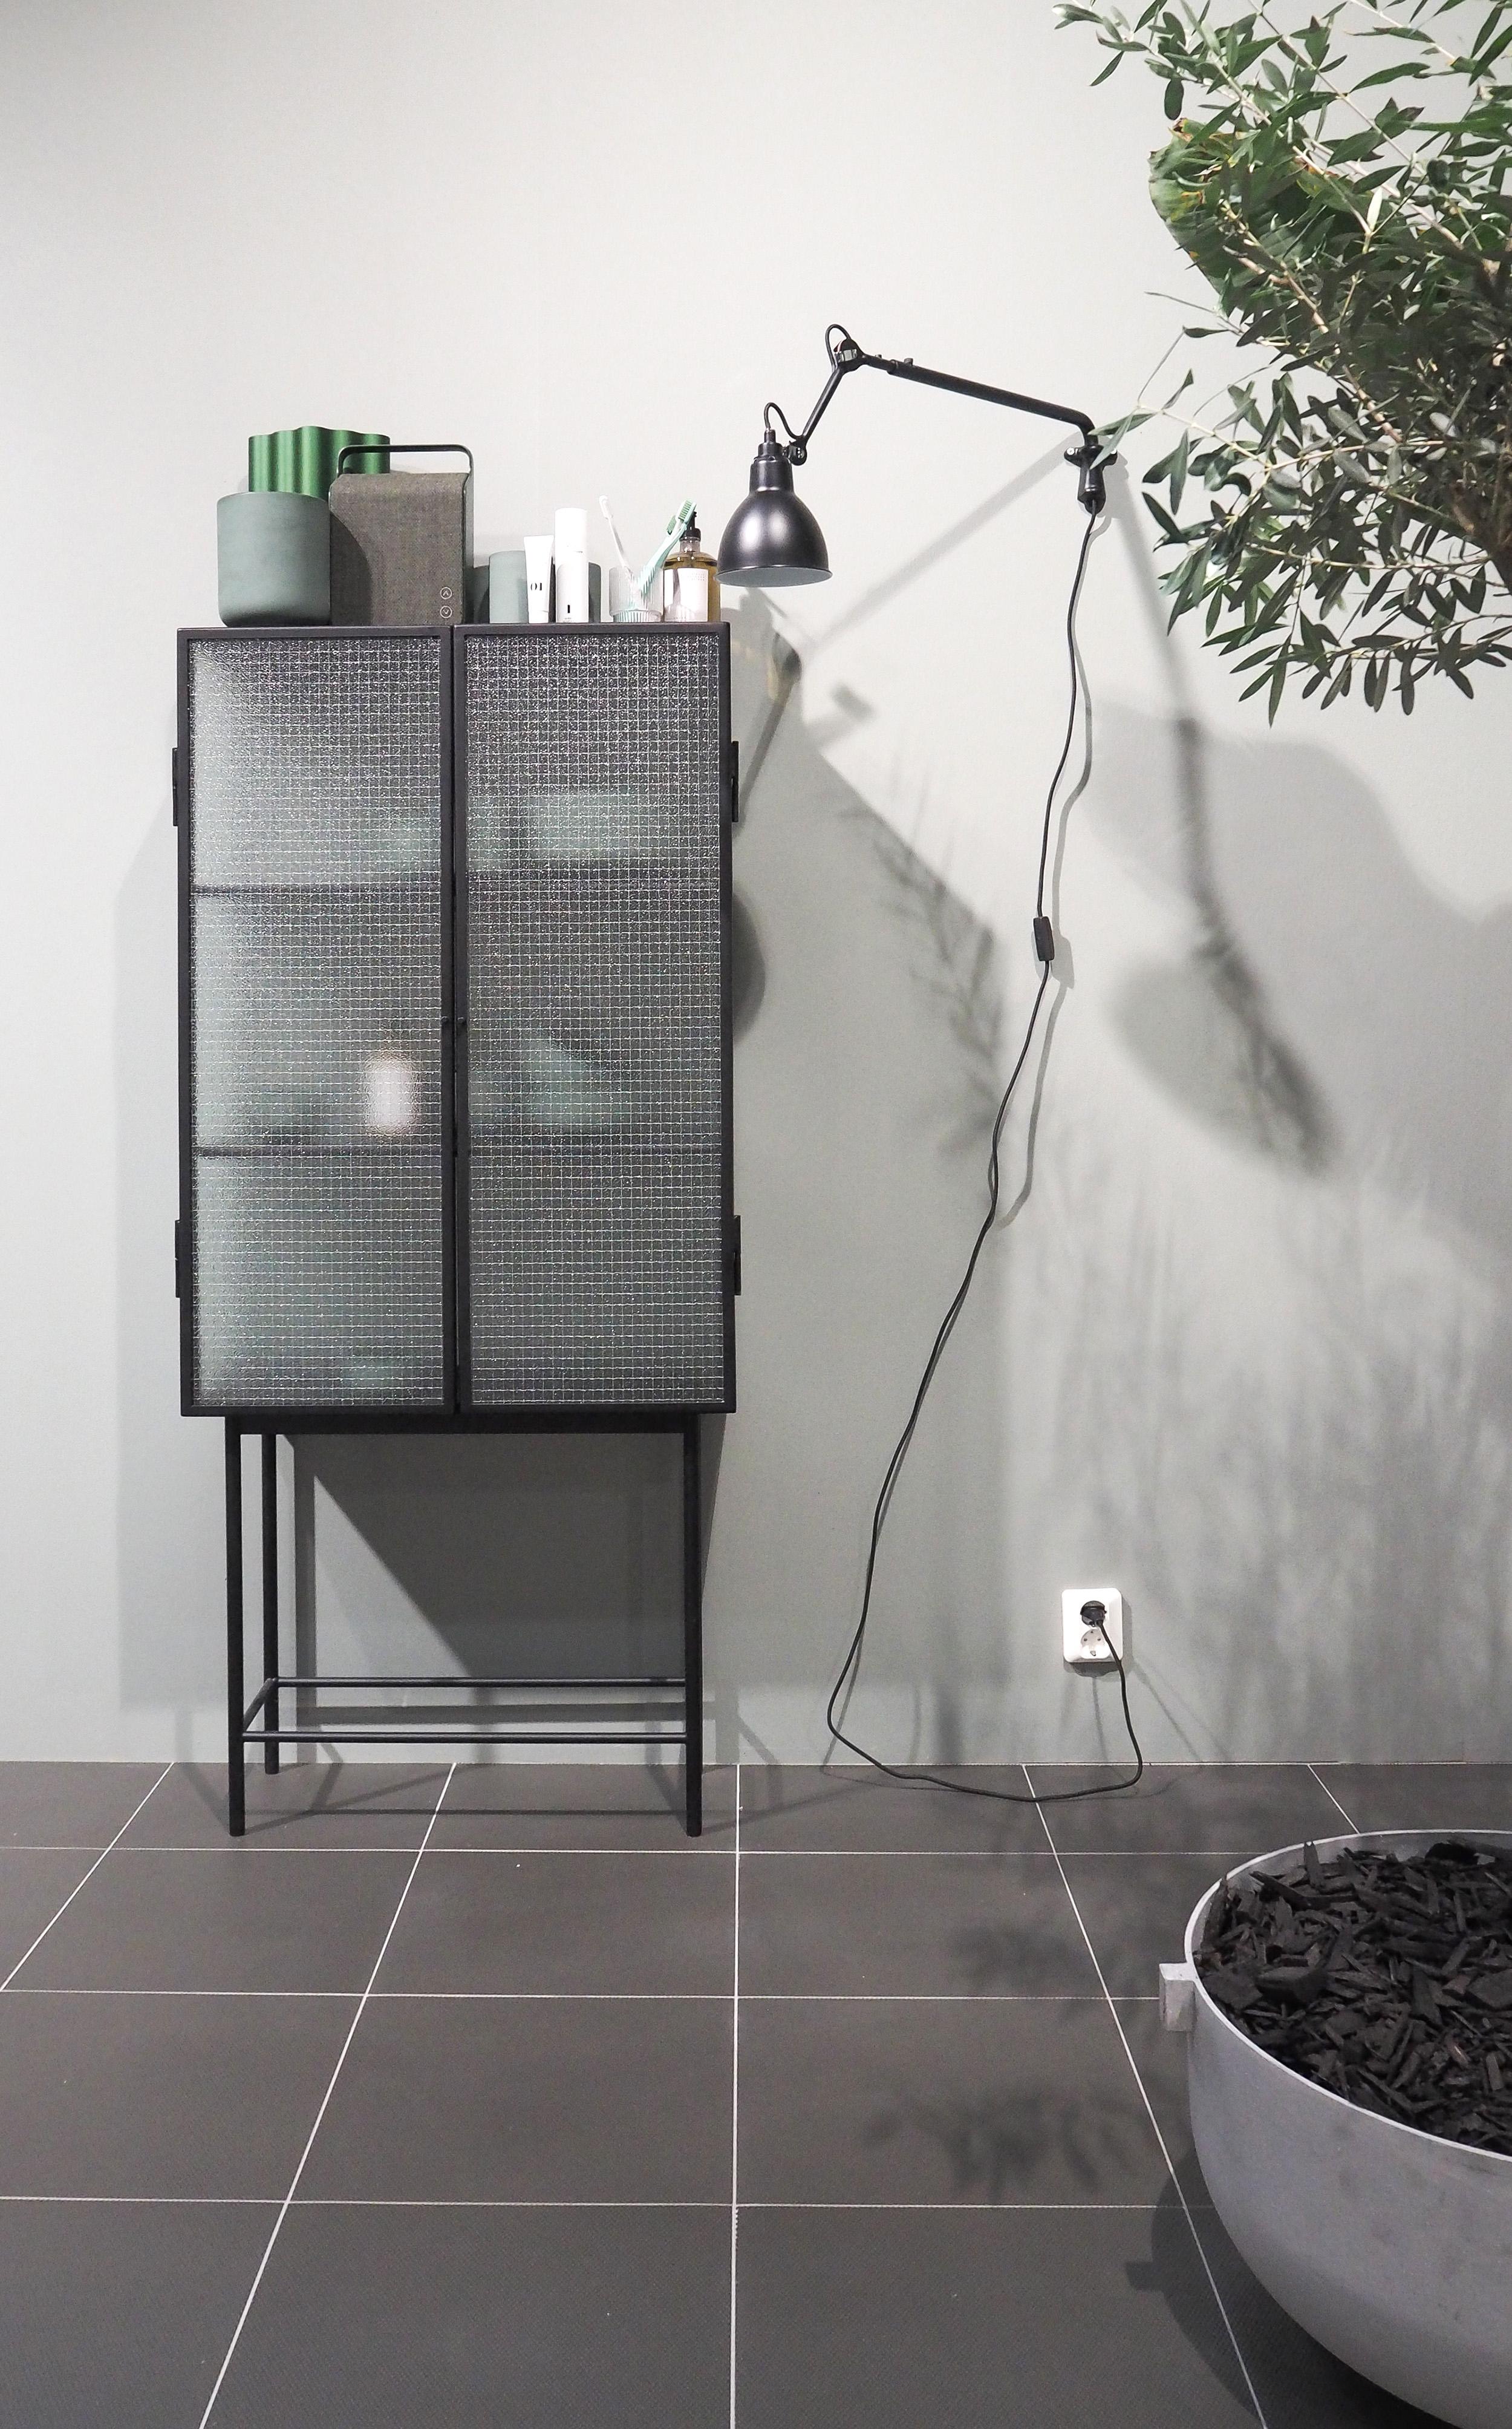 Industrial bathroom styling